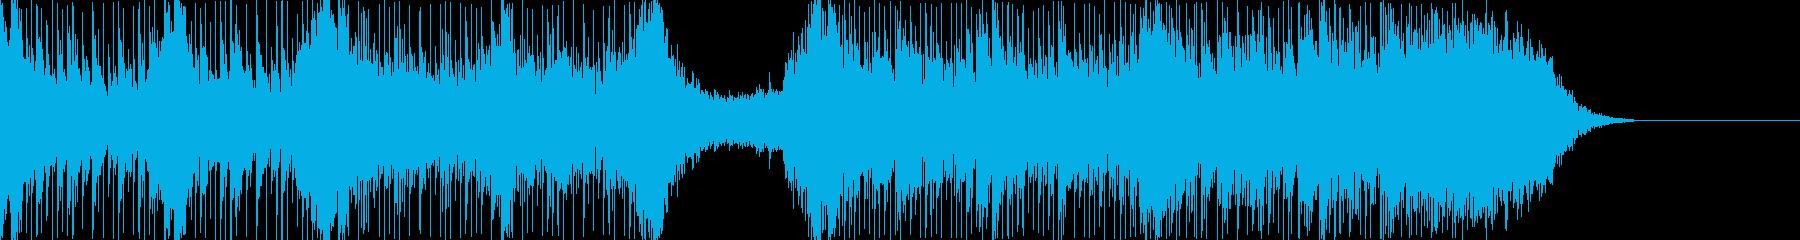 ハリウッド風トレイラー リズム主体03の再生済みの波形